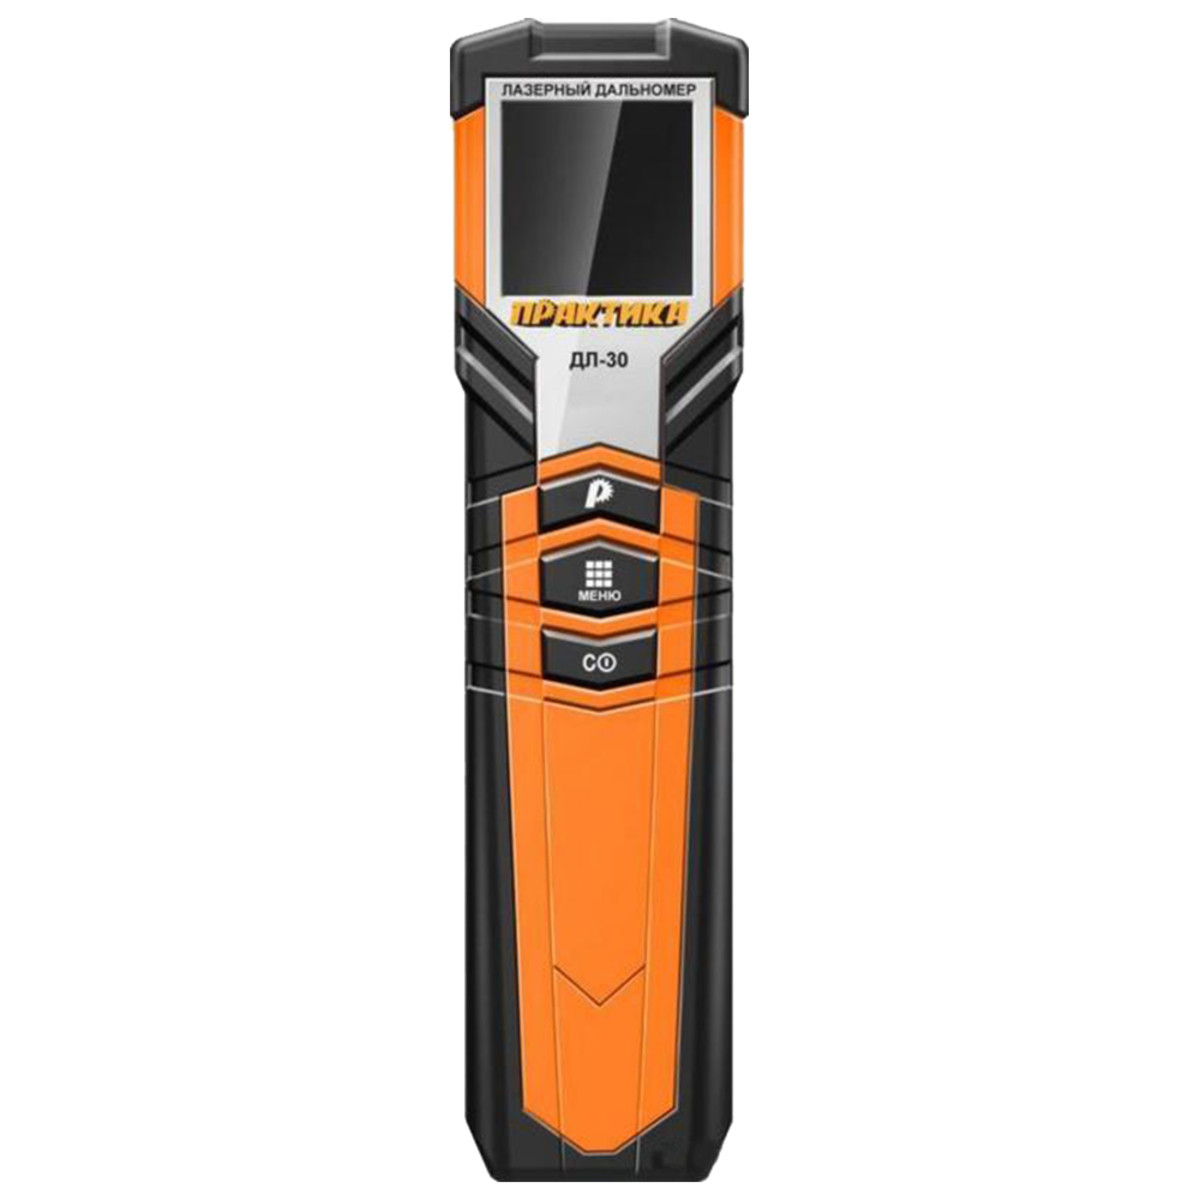 Дальномер лазер Практика ДЛ-30 дальность 005 - 30 м точность 15 мм 640-162